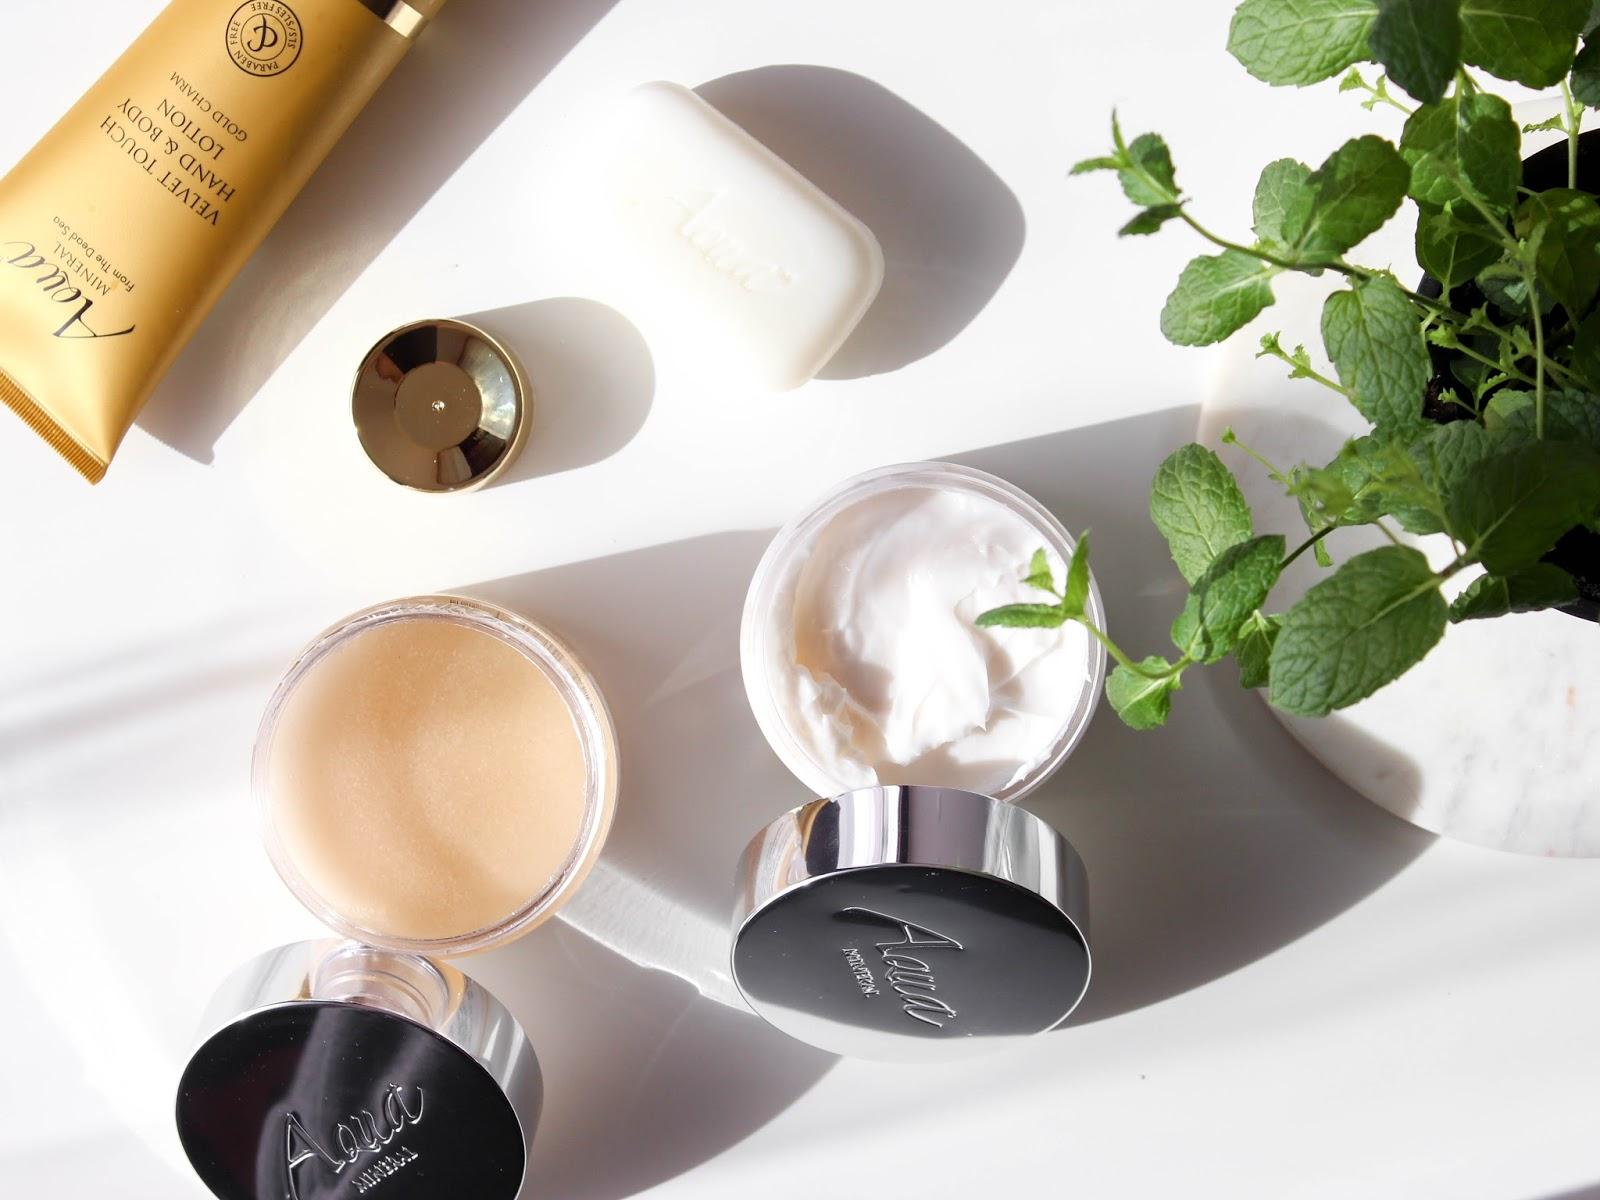 kosmetika s minerály z mrtvého moře recenze